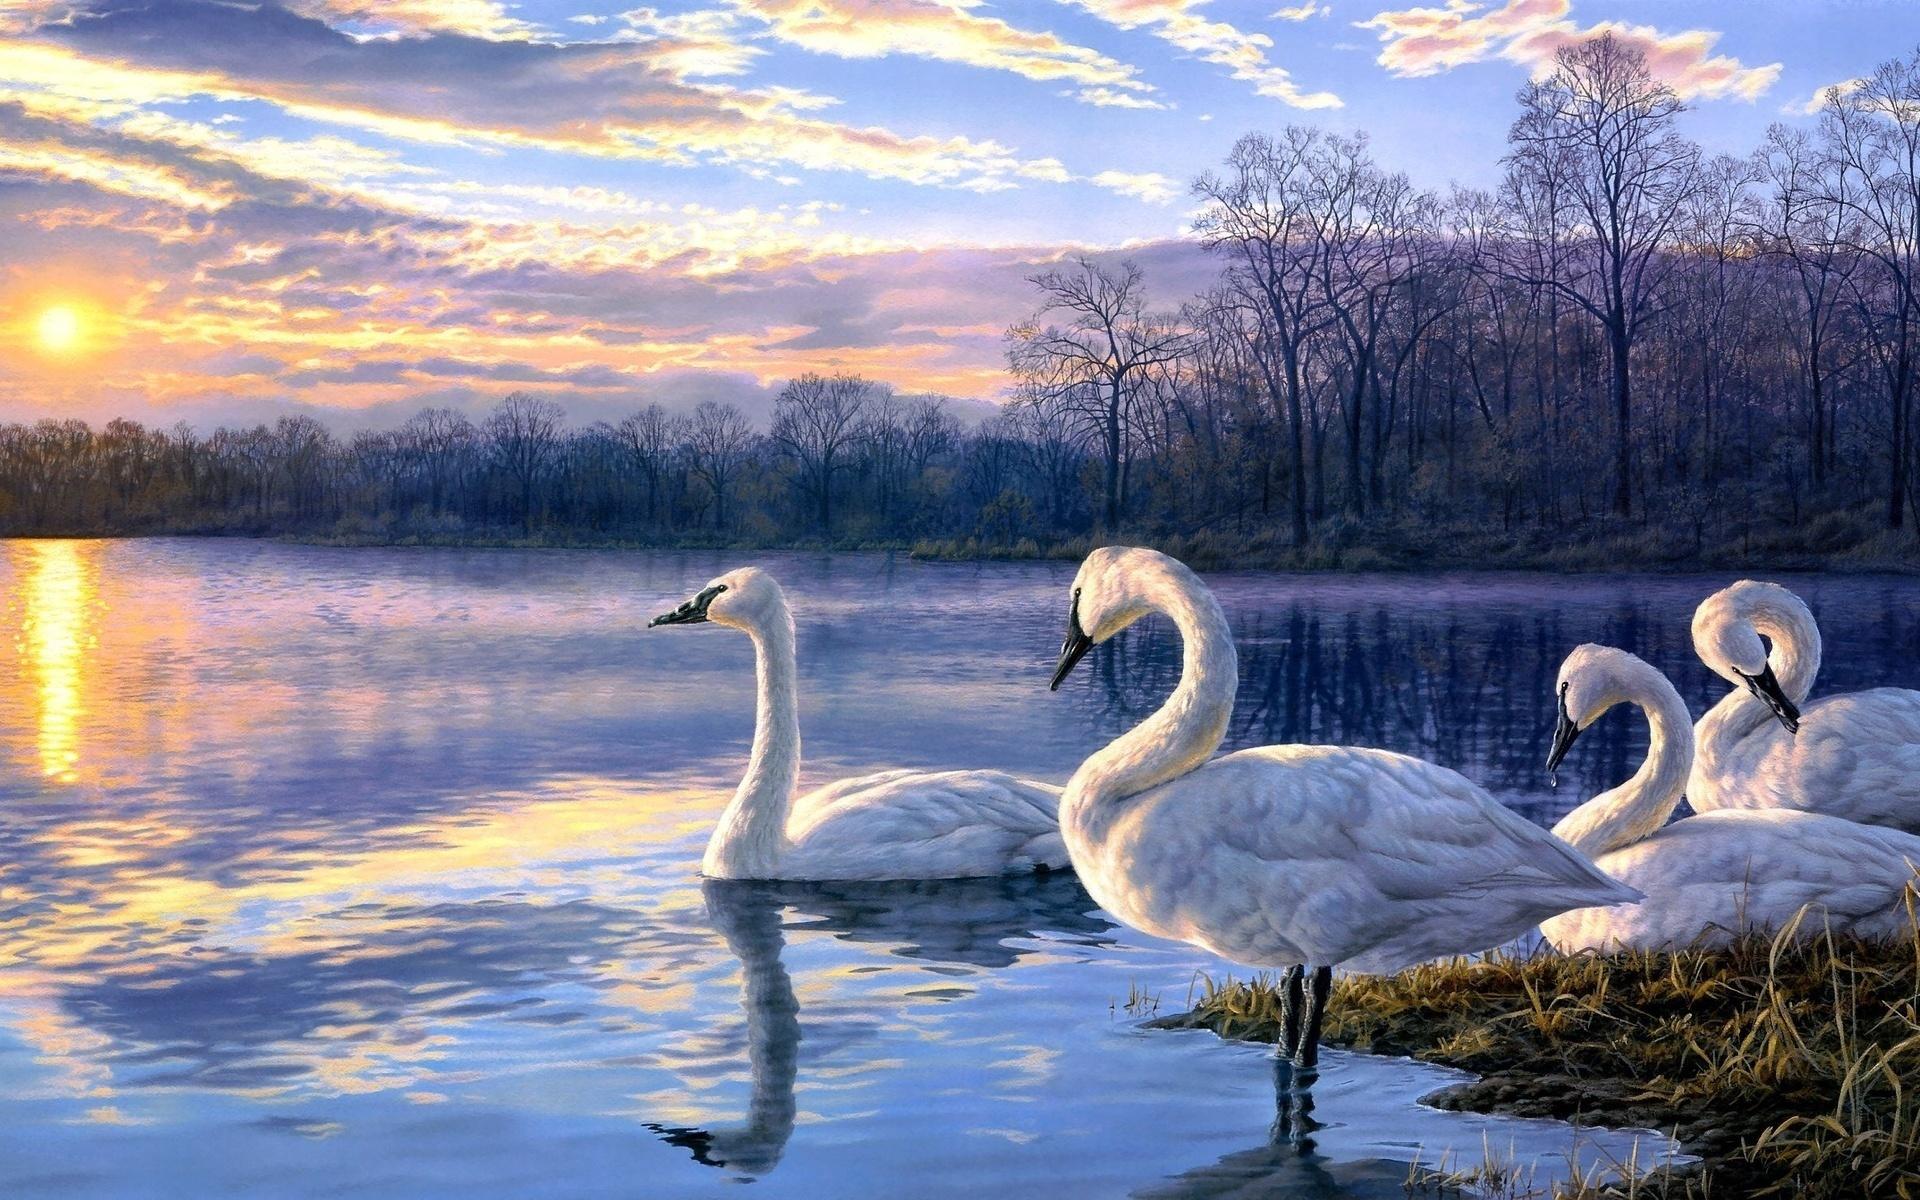 Нарисовать февраля, красивые открытки с пейзажами на каждый день